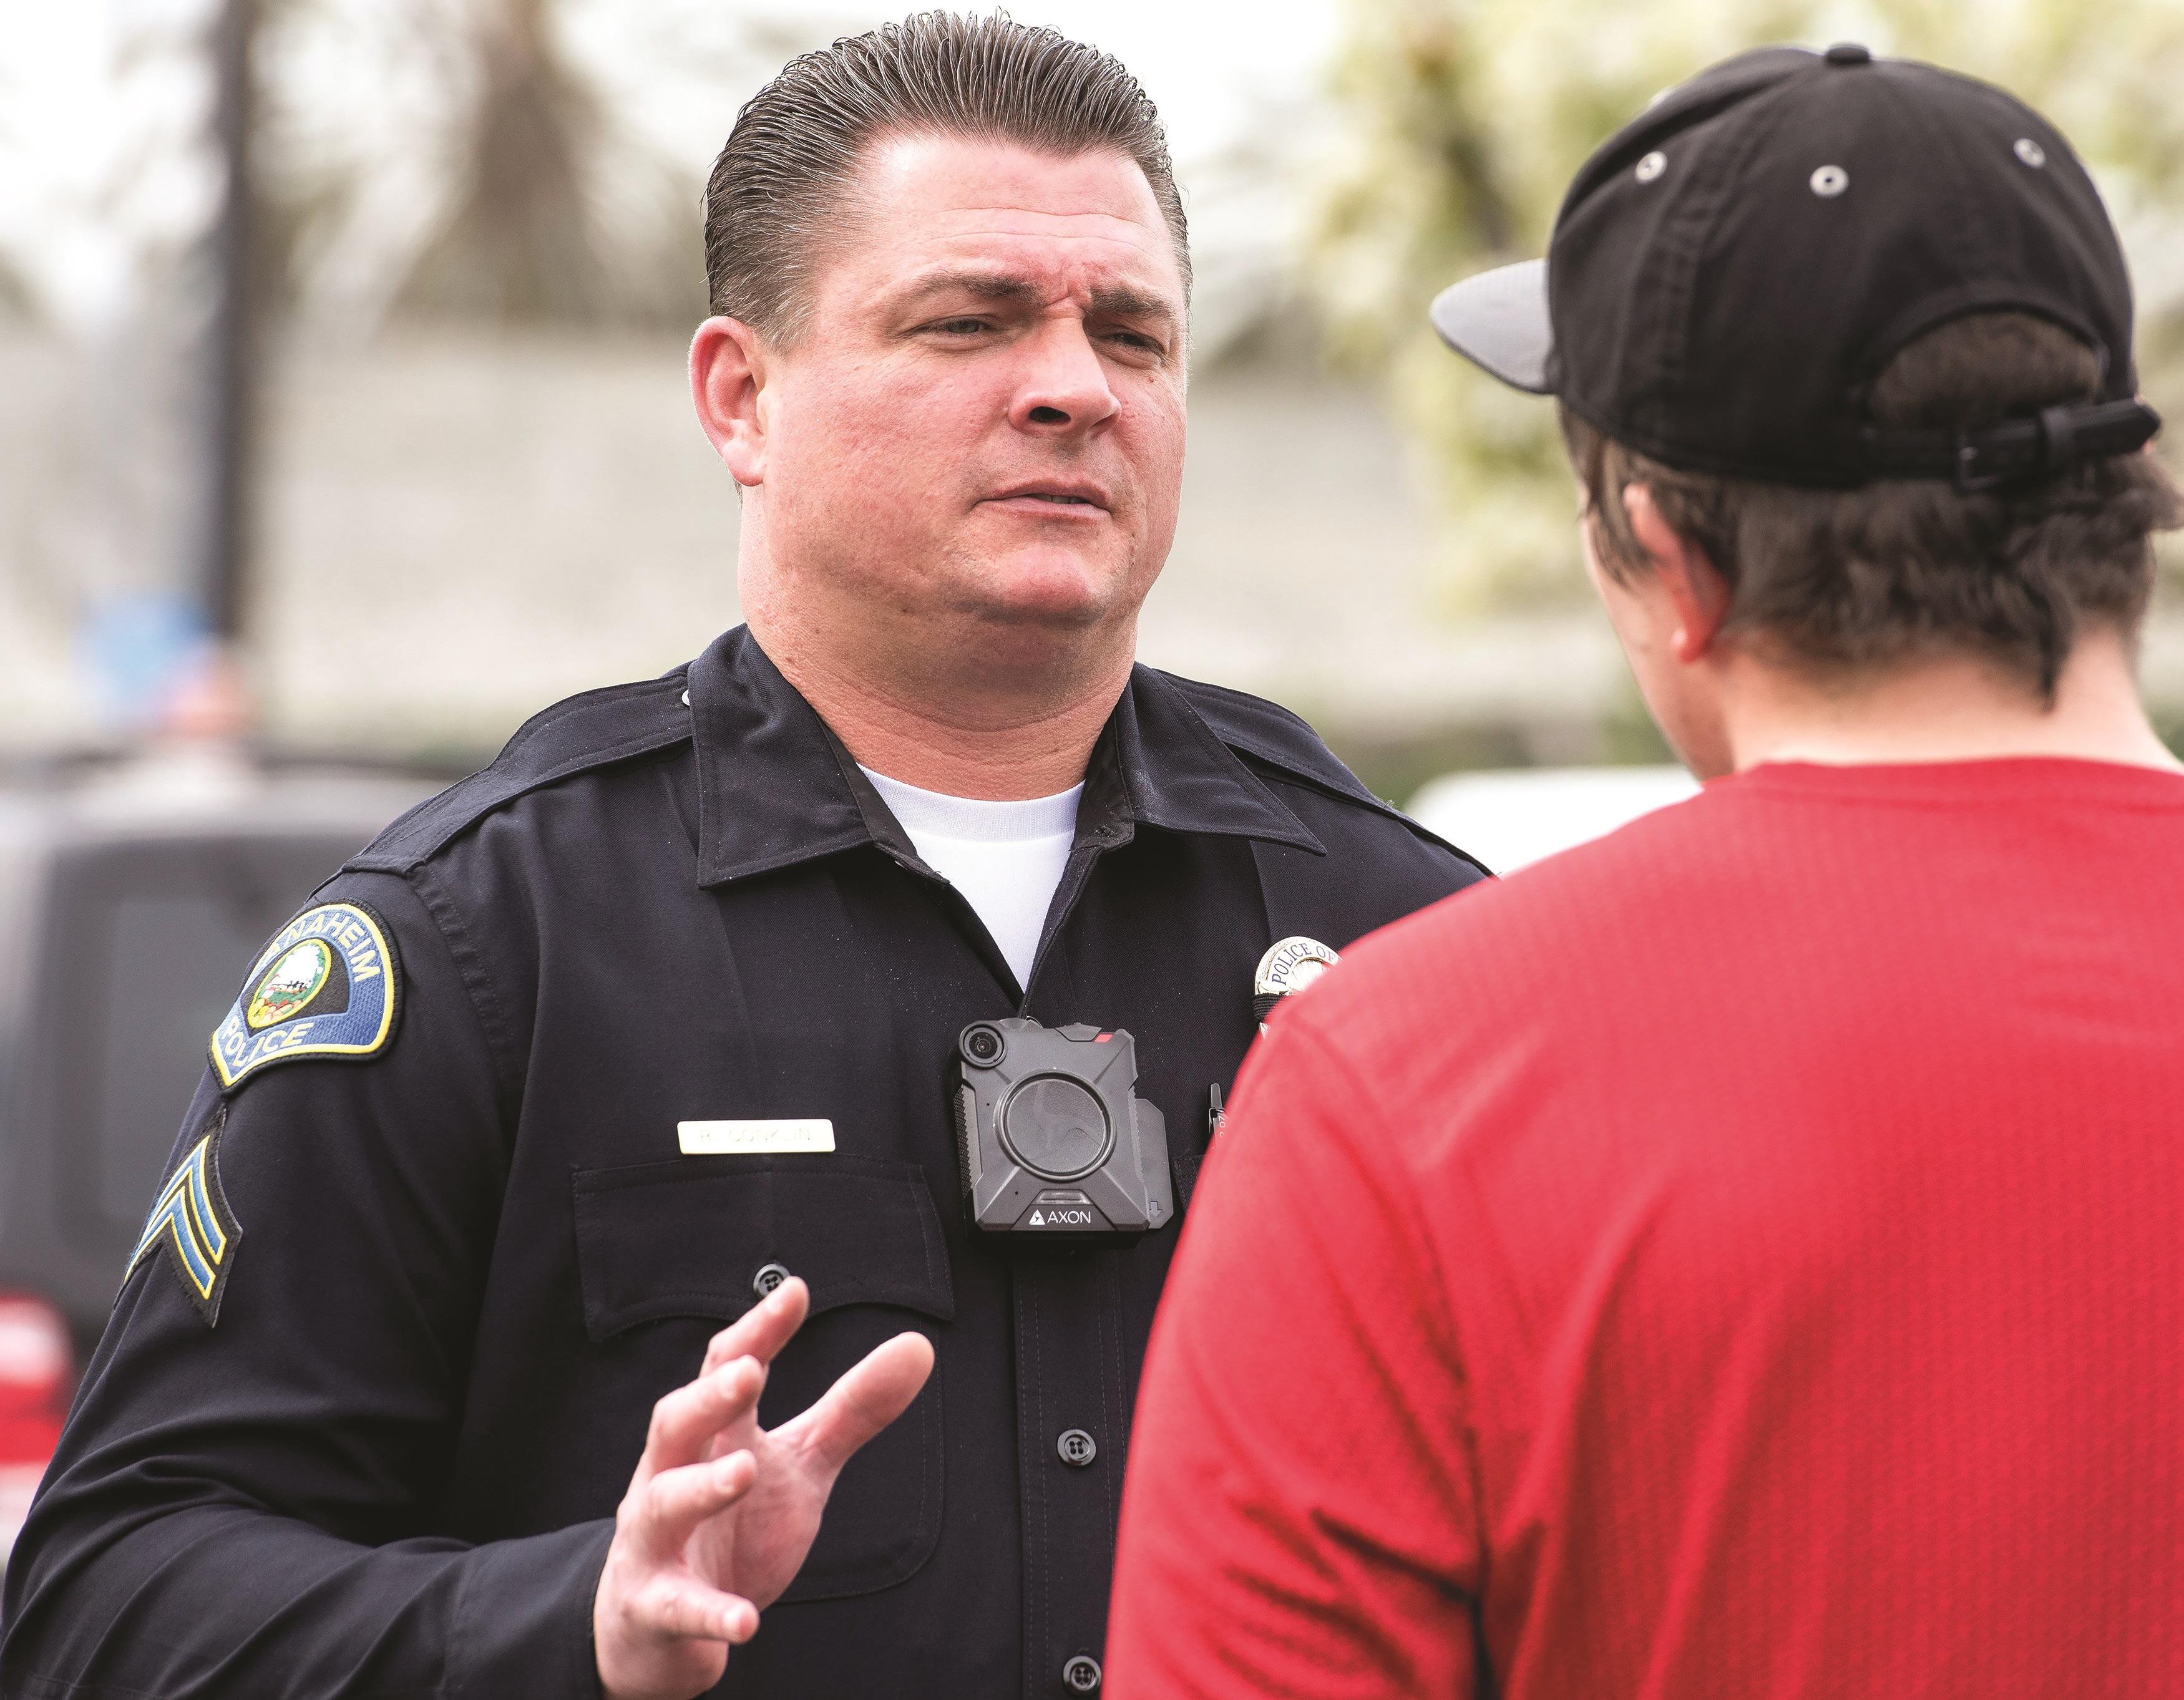 Exclusive Police Survey: Body Cameras